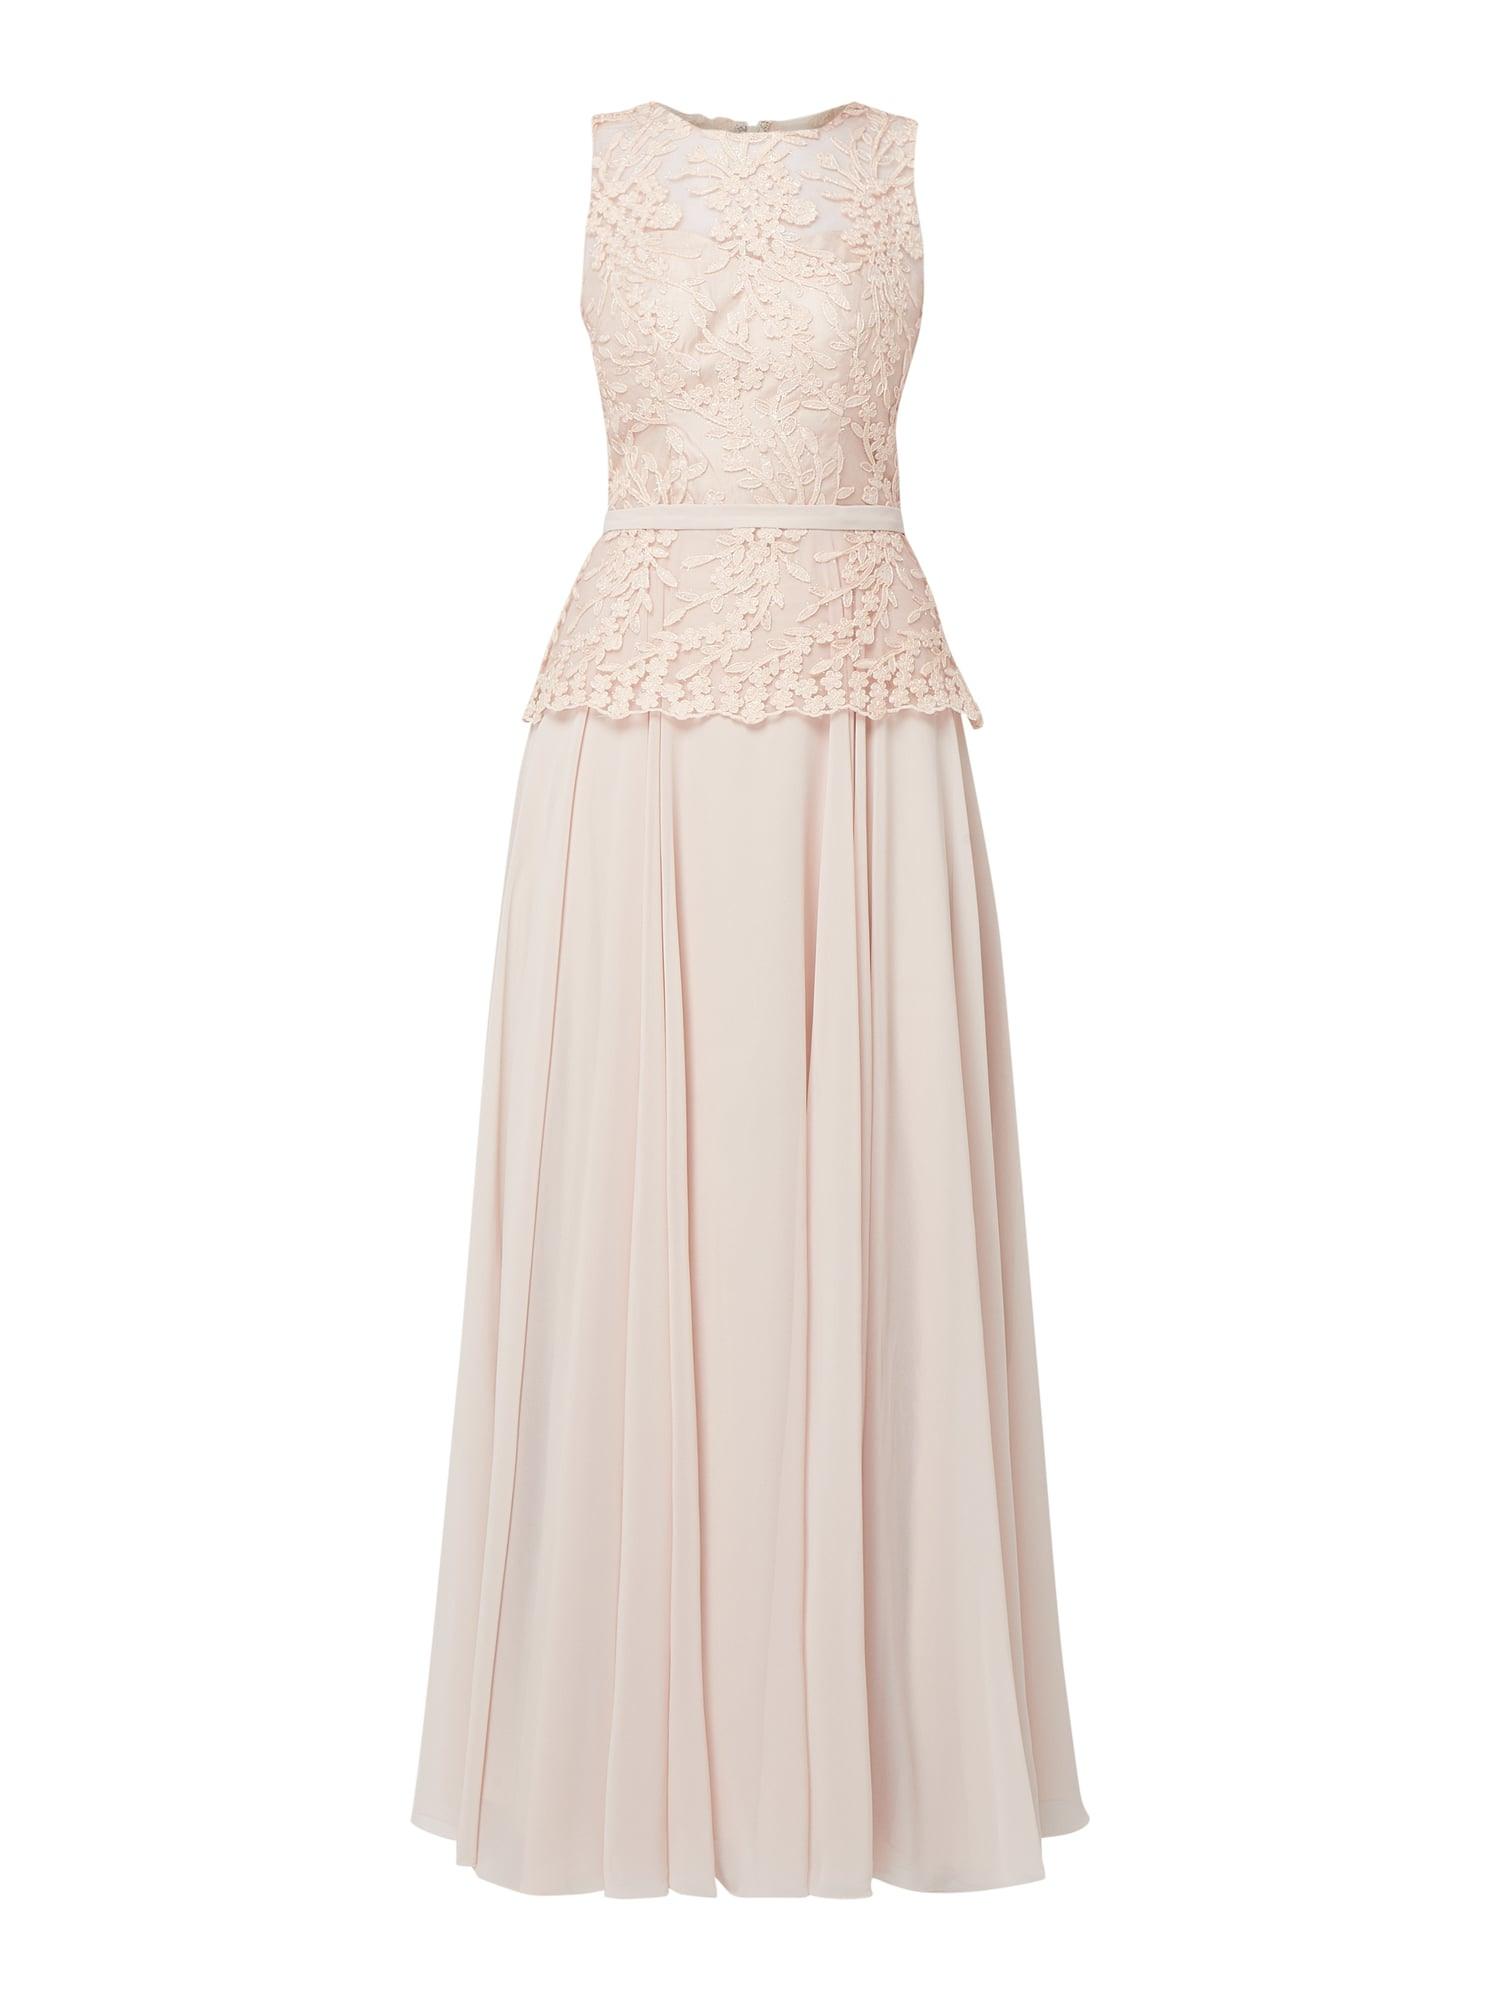 Leicht Abendkleider Joop BoutiqueDesigner Ausgezeichnet Abendkleider Joop Spezialgebiet